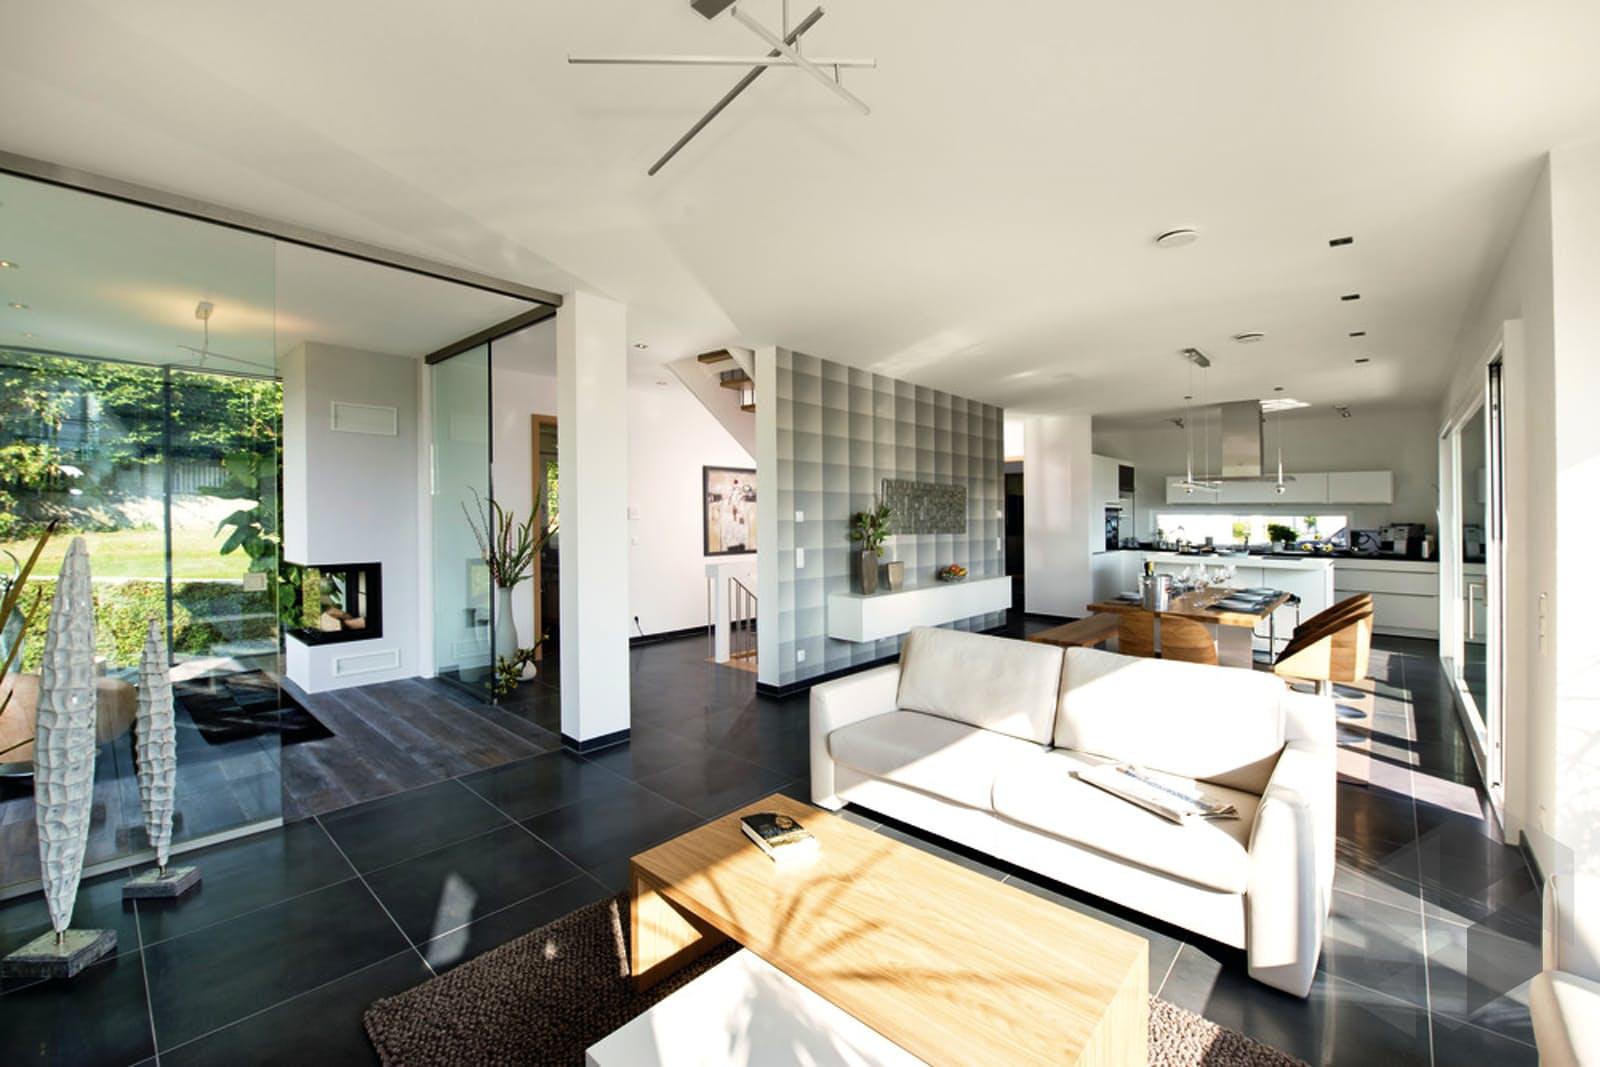 ausstellungshaus villingen schwenningen von weberhaus komplette daten bersicht. Black Bedroom Furniture Sets. Home Design Ideas